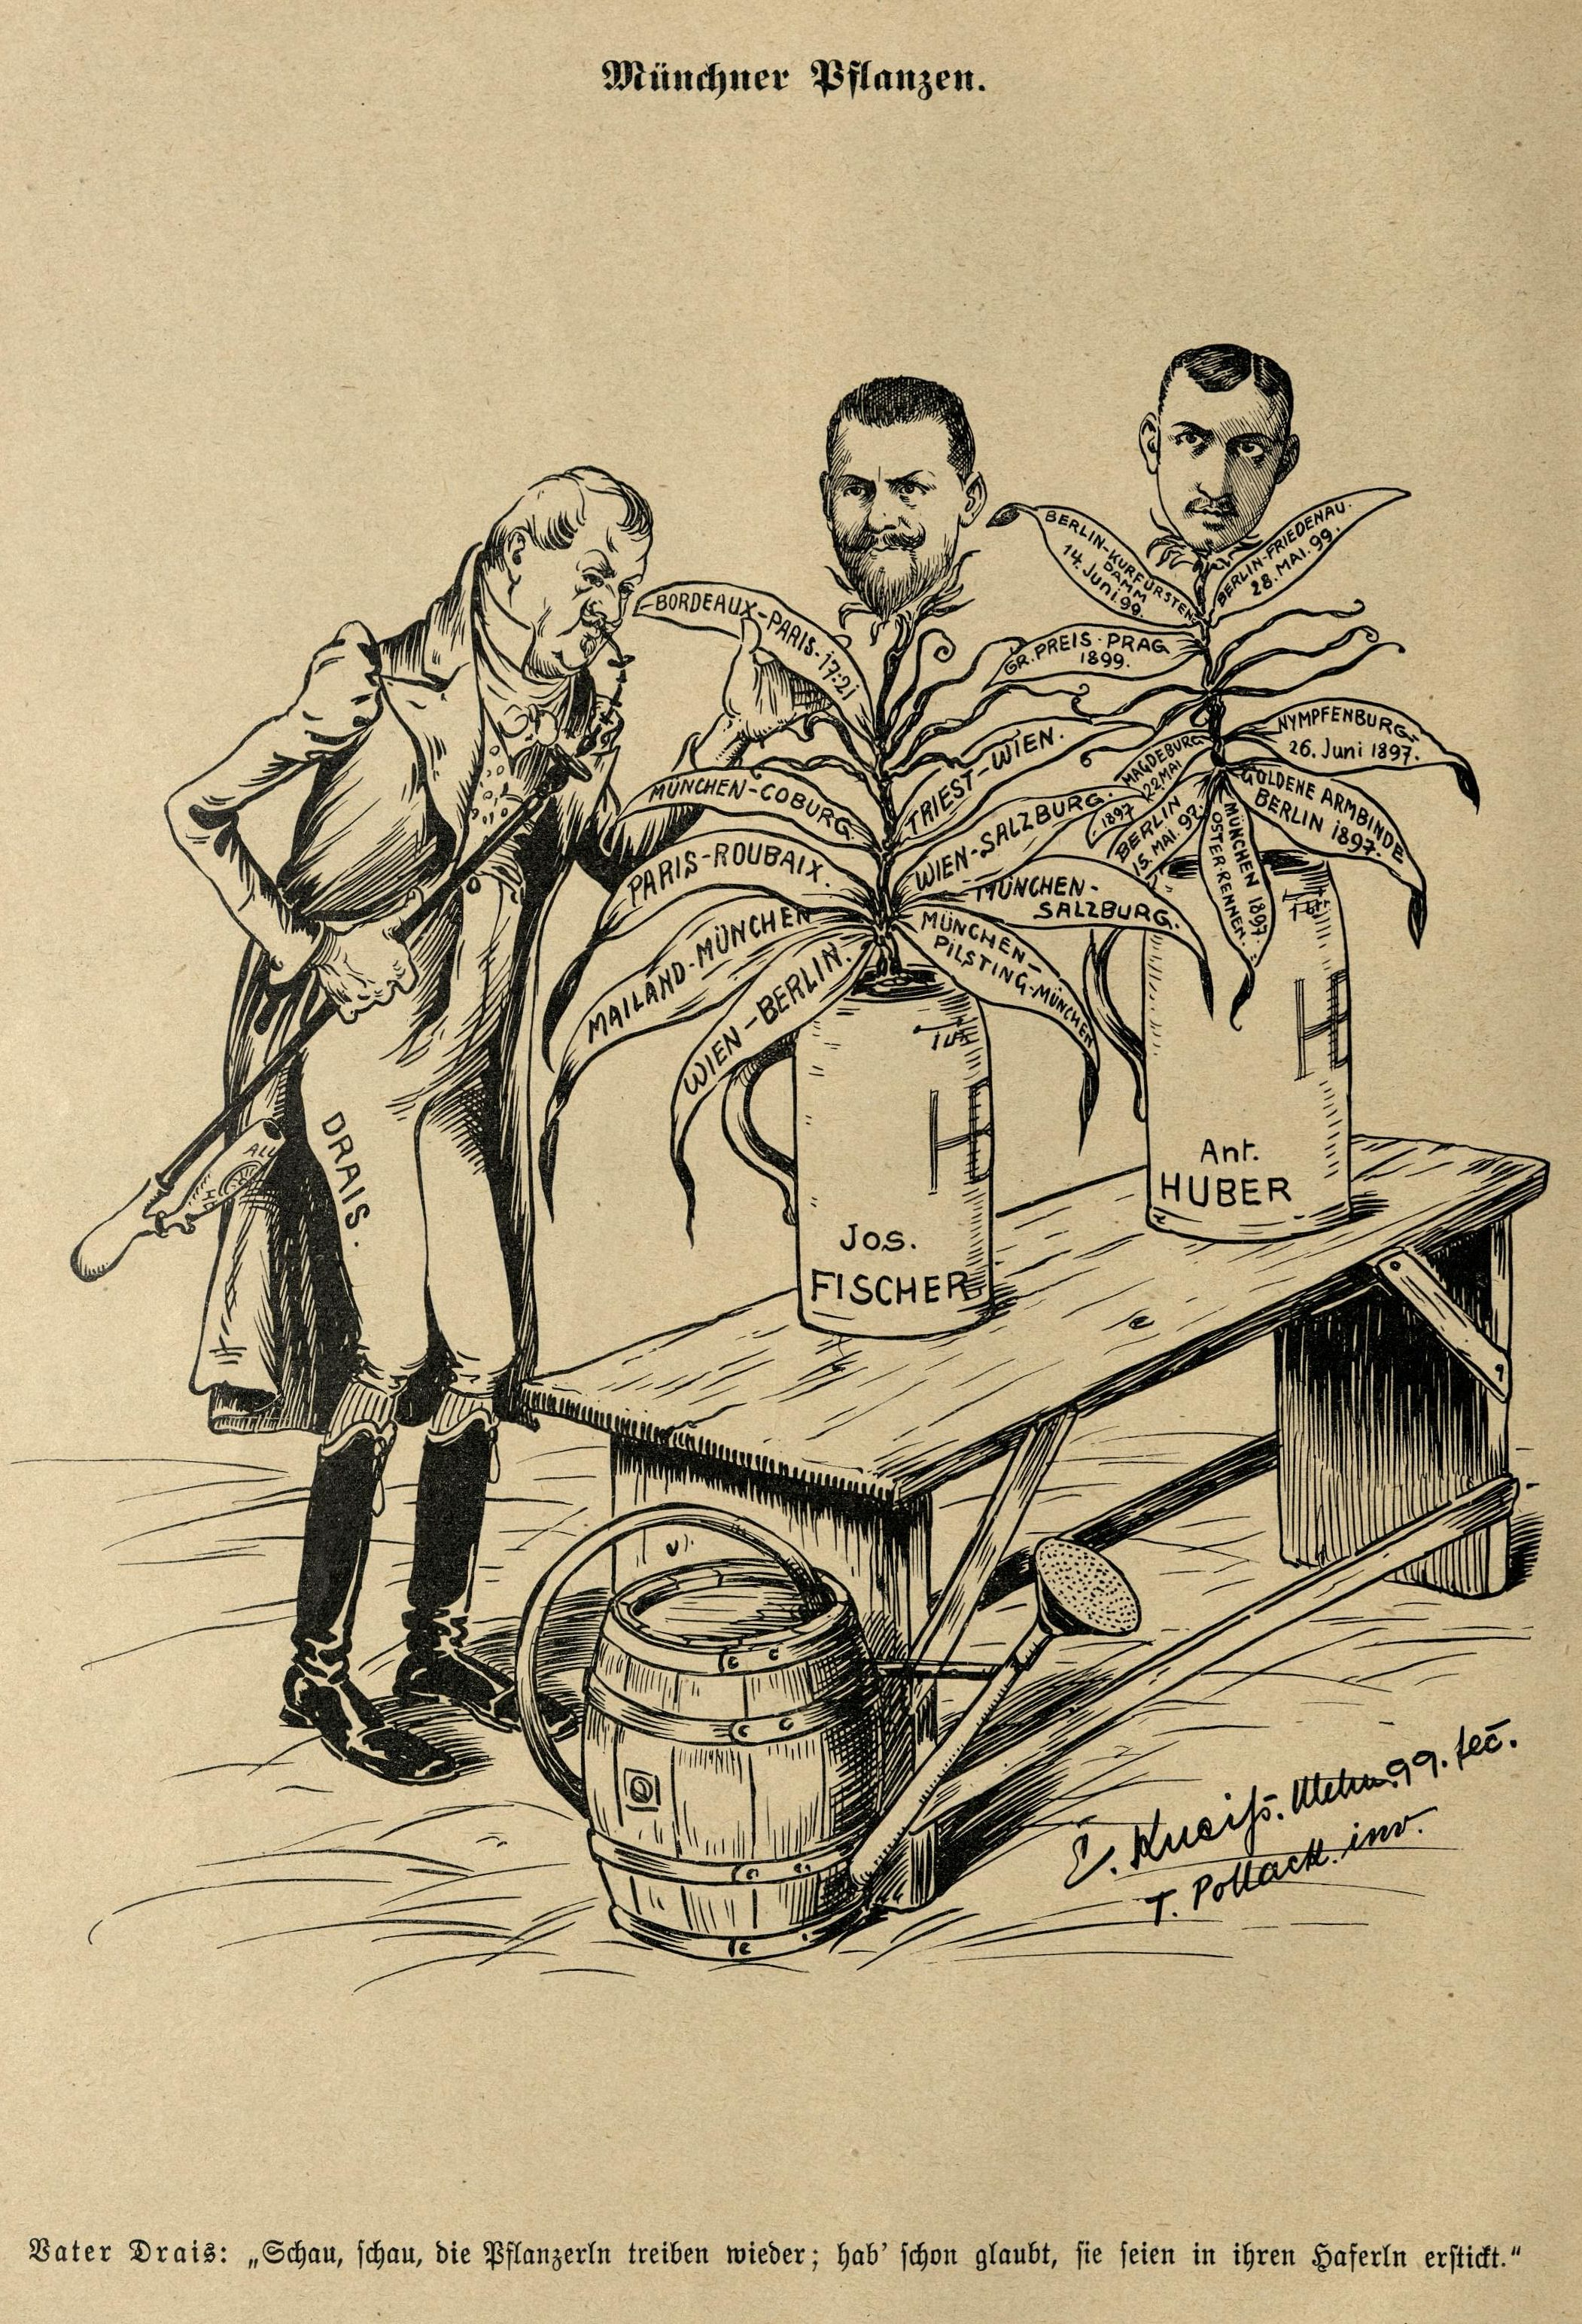 """Vater Drais: """"Schau, schau, die Pflanzerln treiben wieder; hab' schon glaubt, sei seien in ihren Haferln erstickt."""""""